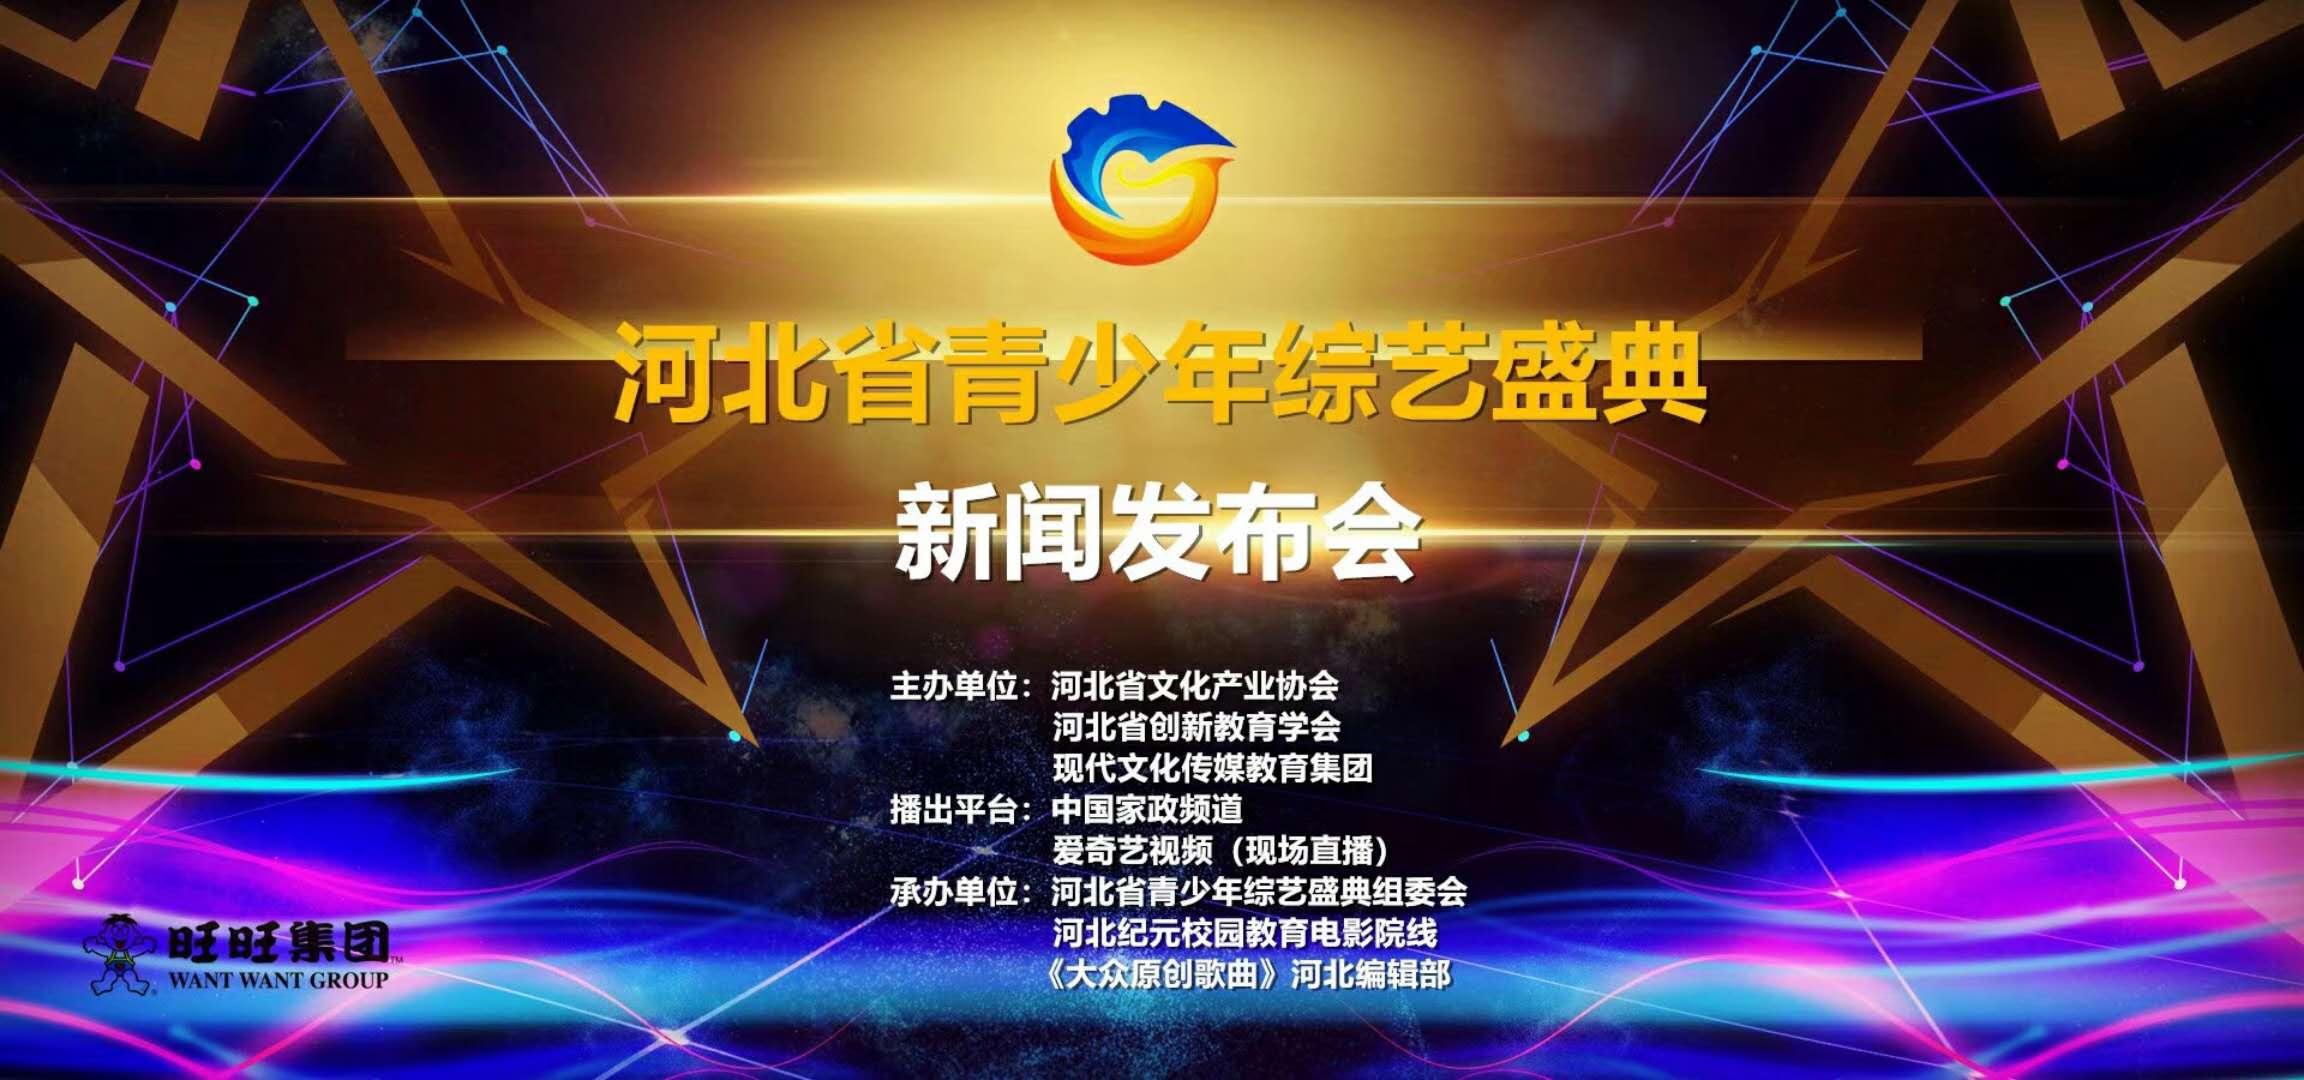 河北省青少年綜藝盛典新聞發布會